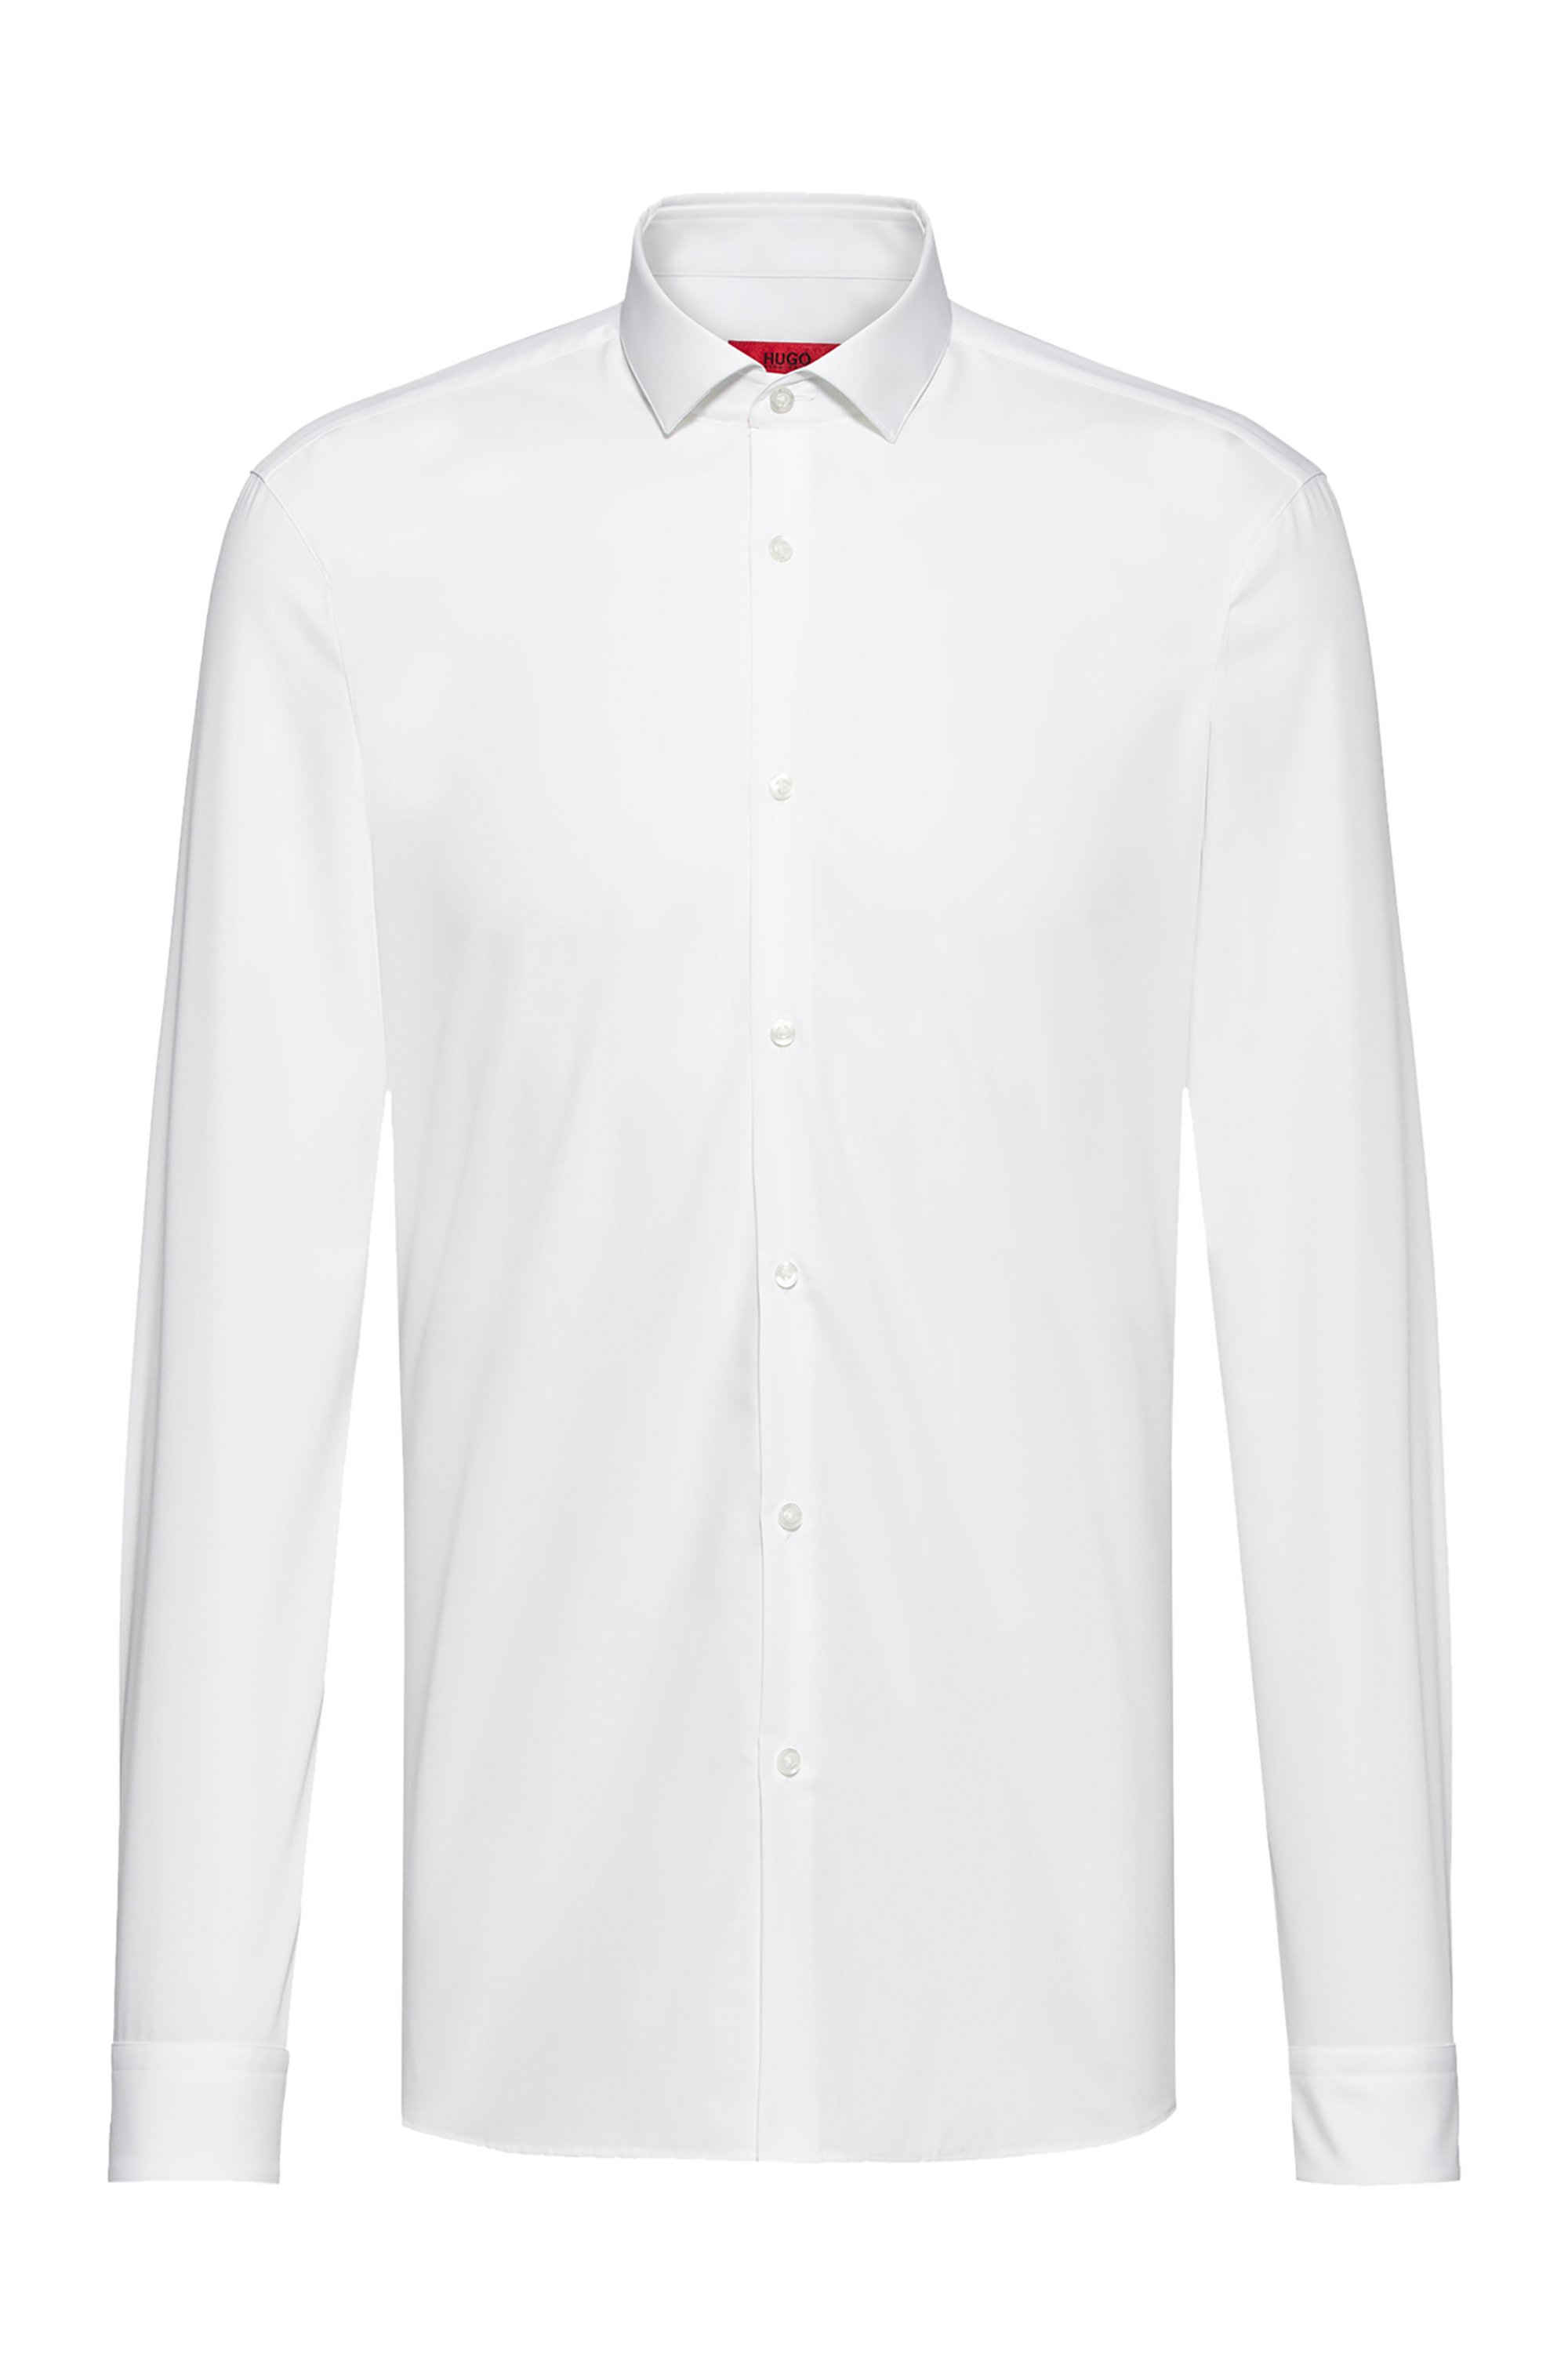 Extra-slim-fit overhemd in katoenen popeline met een gespreide kraag, Wit